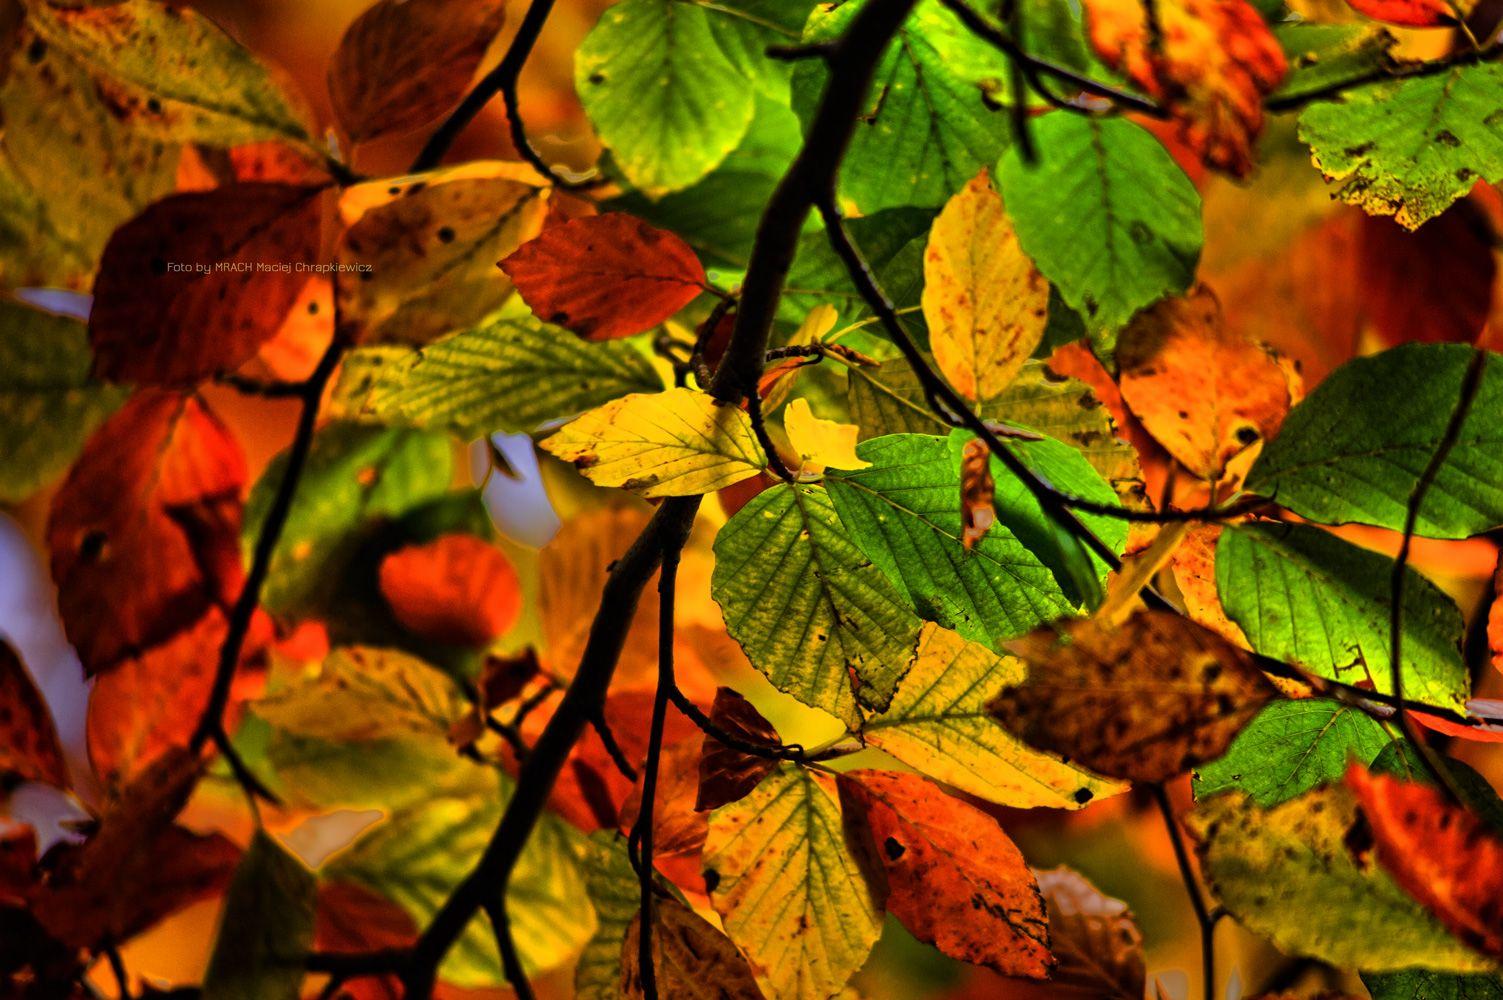 Wszystkie Kolory Jesieni Mrach Fotografie Plants Flowers Pumpkin